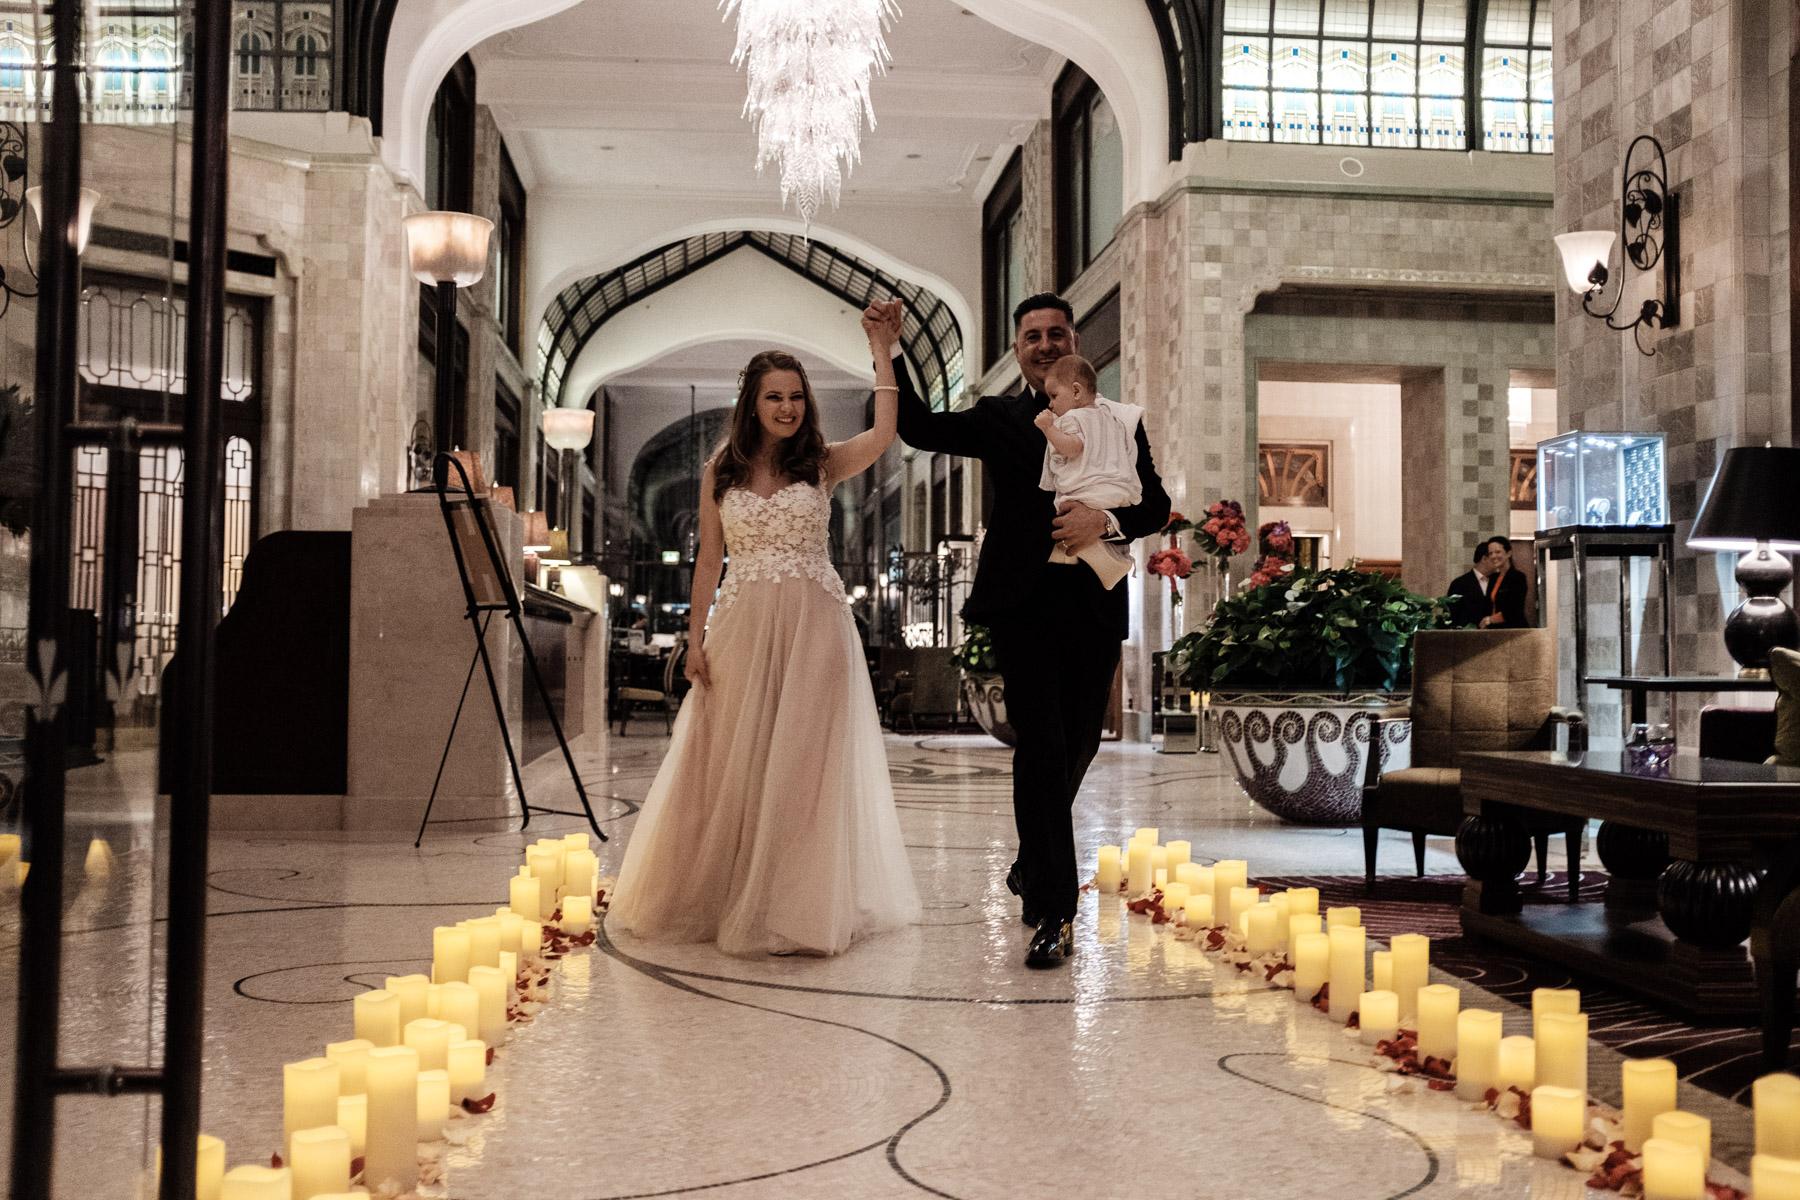 MartinLiebl_Kein_Hochzeitsfotograf_No_Wedding_Photographer_Budapest_Gresham_Palace_061.jpg